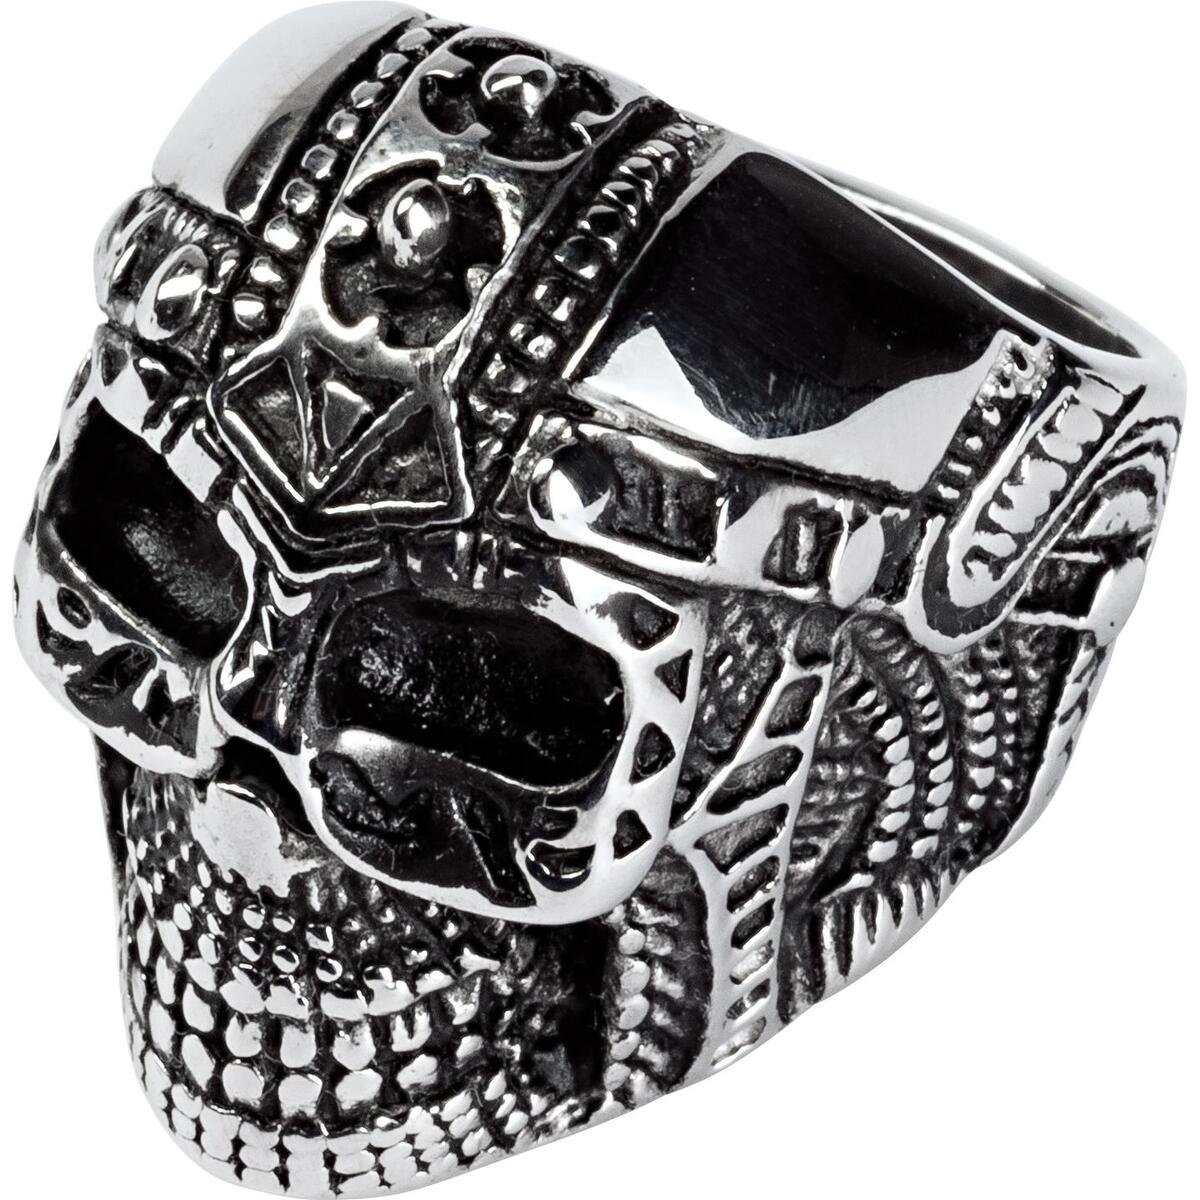 Bild 2 von Spirit Motors Edelstahl Ring mit Totenkopf 1.0 silber